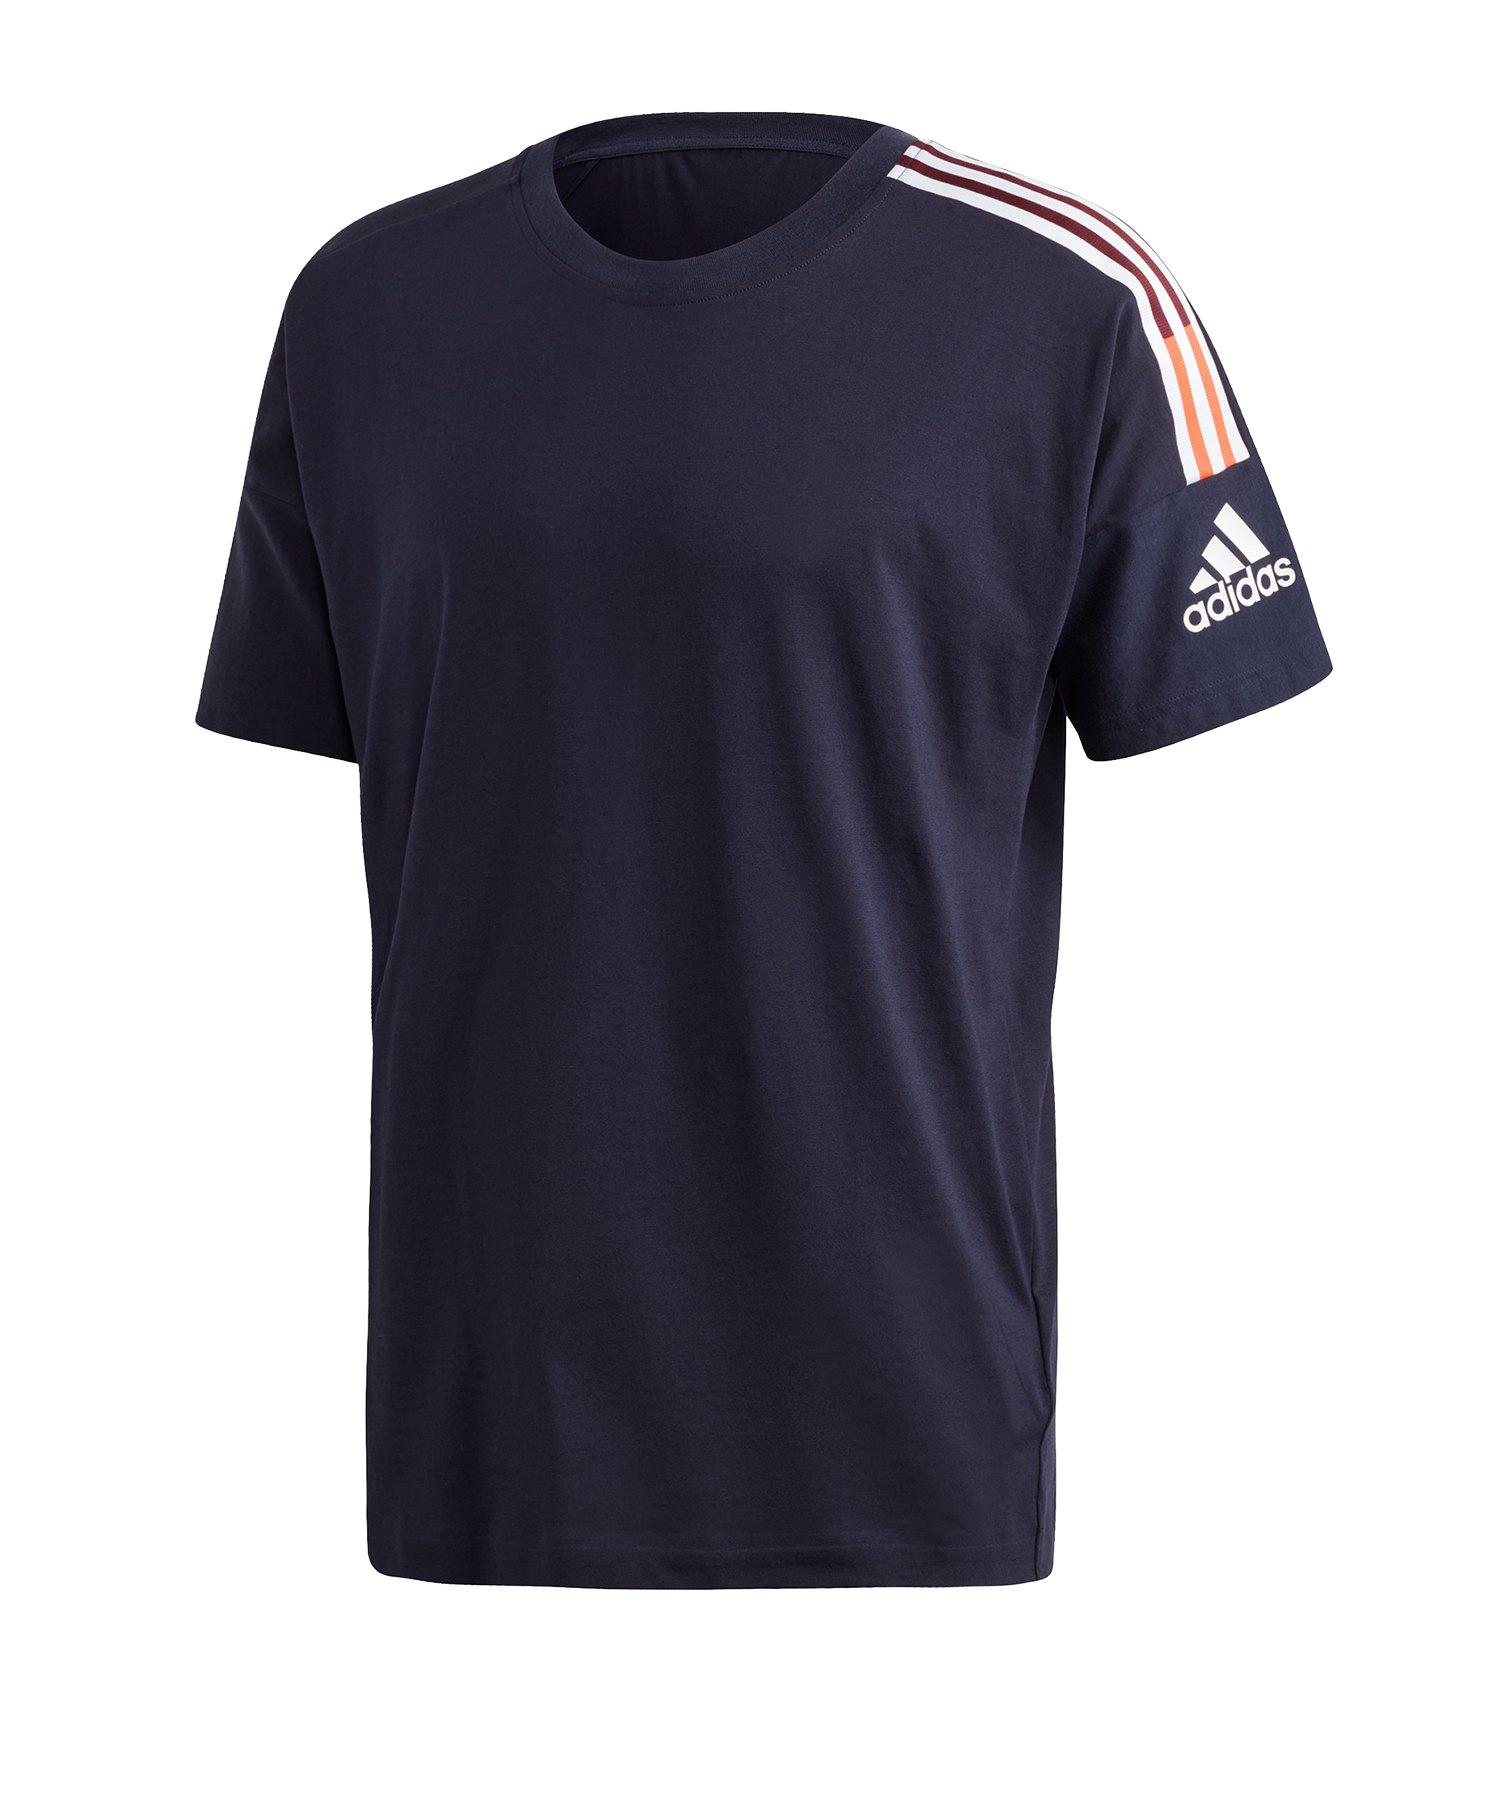 adidas ZNE 3ST T-Shirt Blau Rot - blau